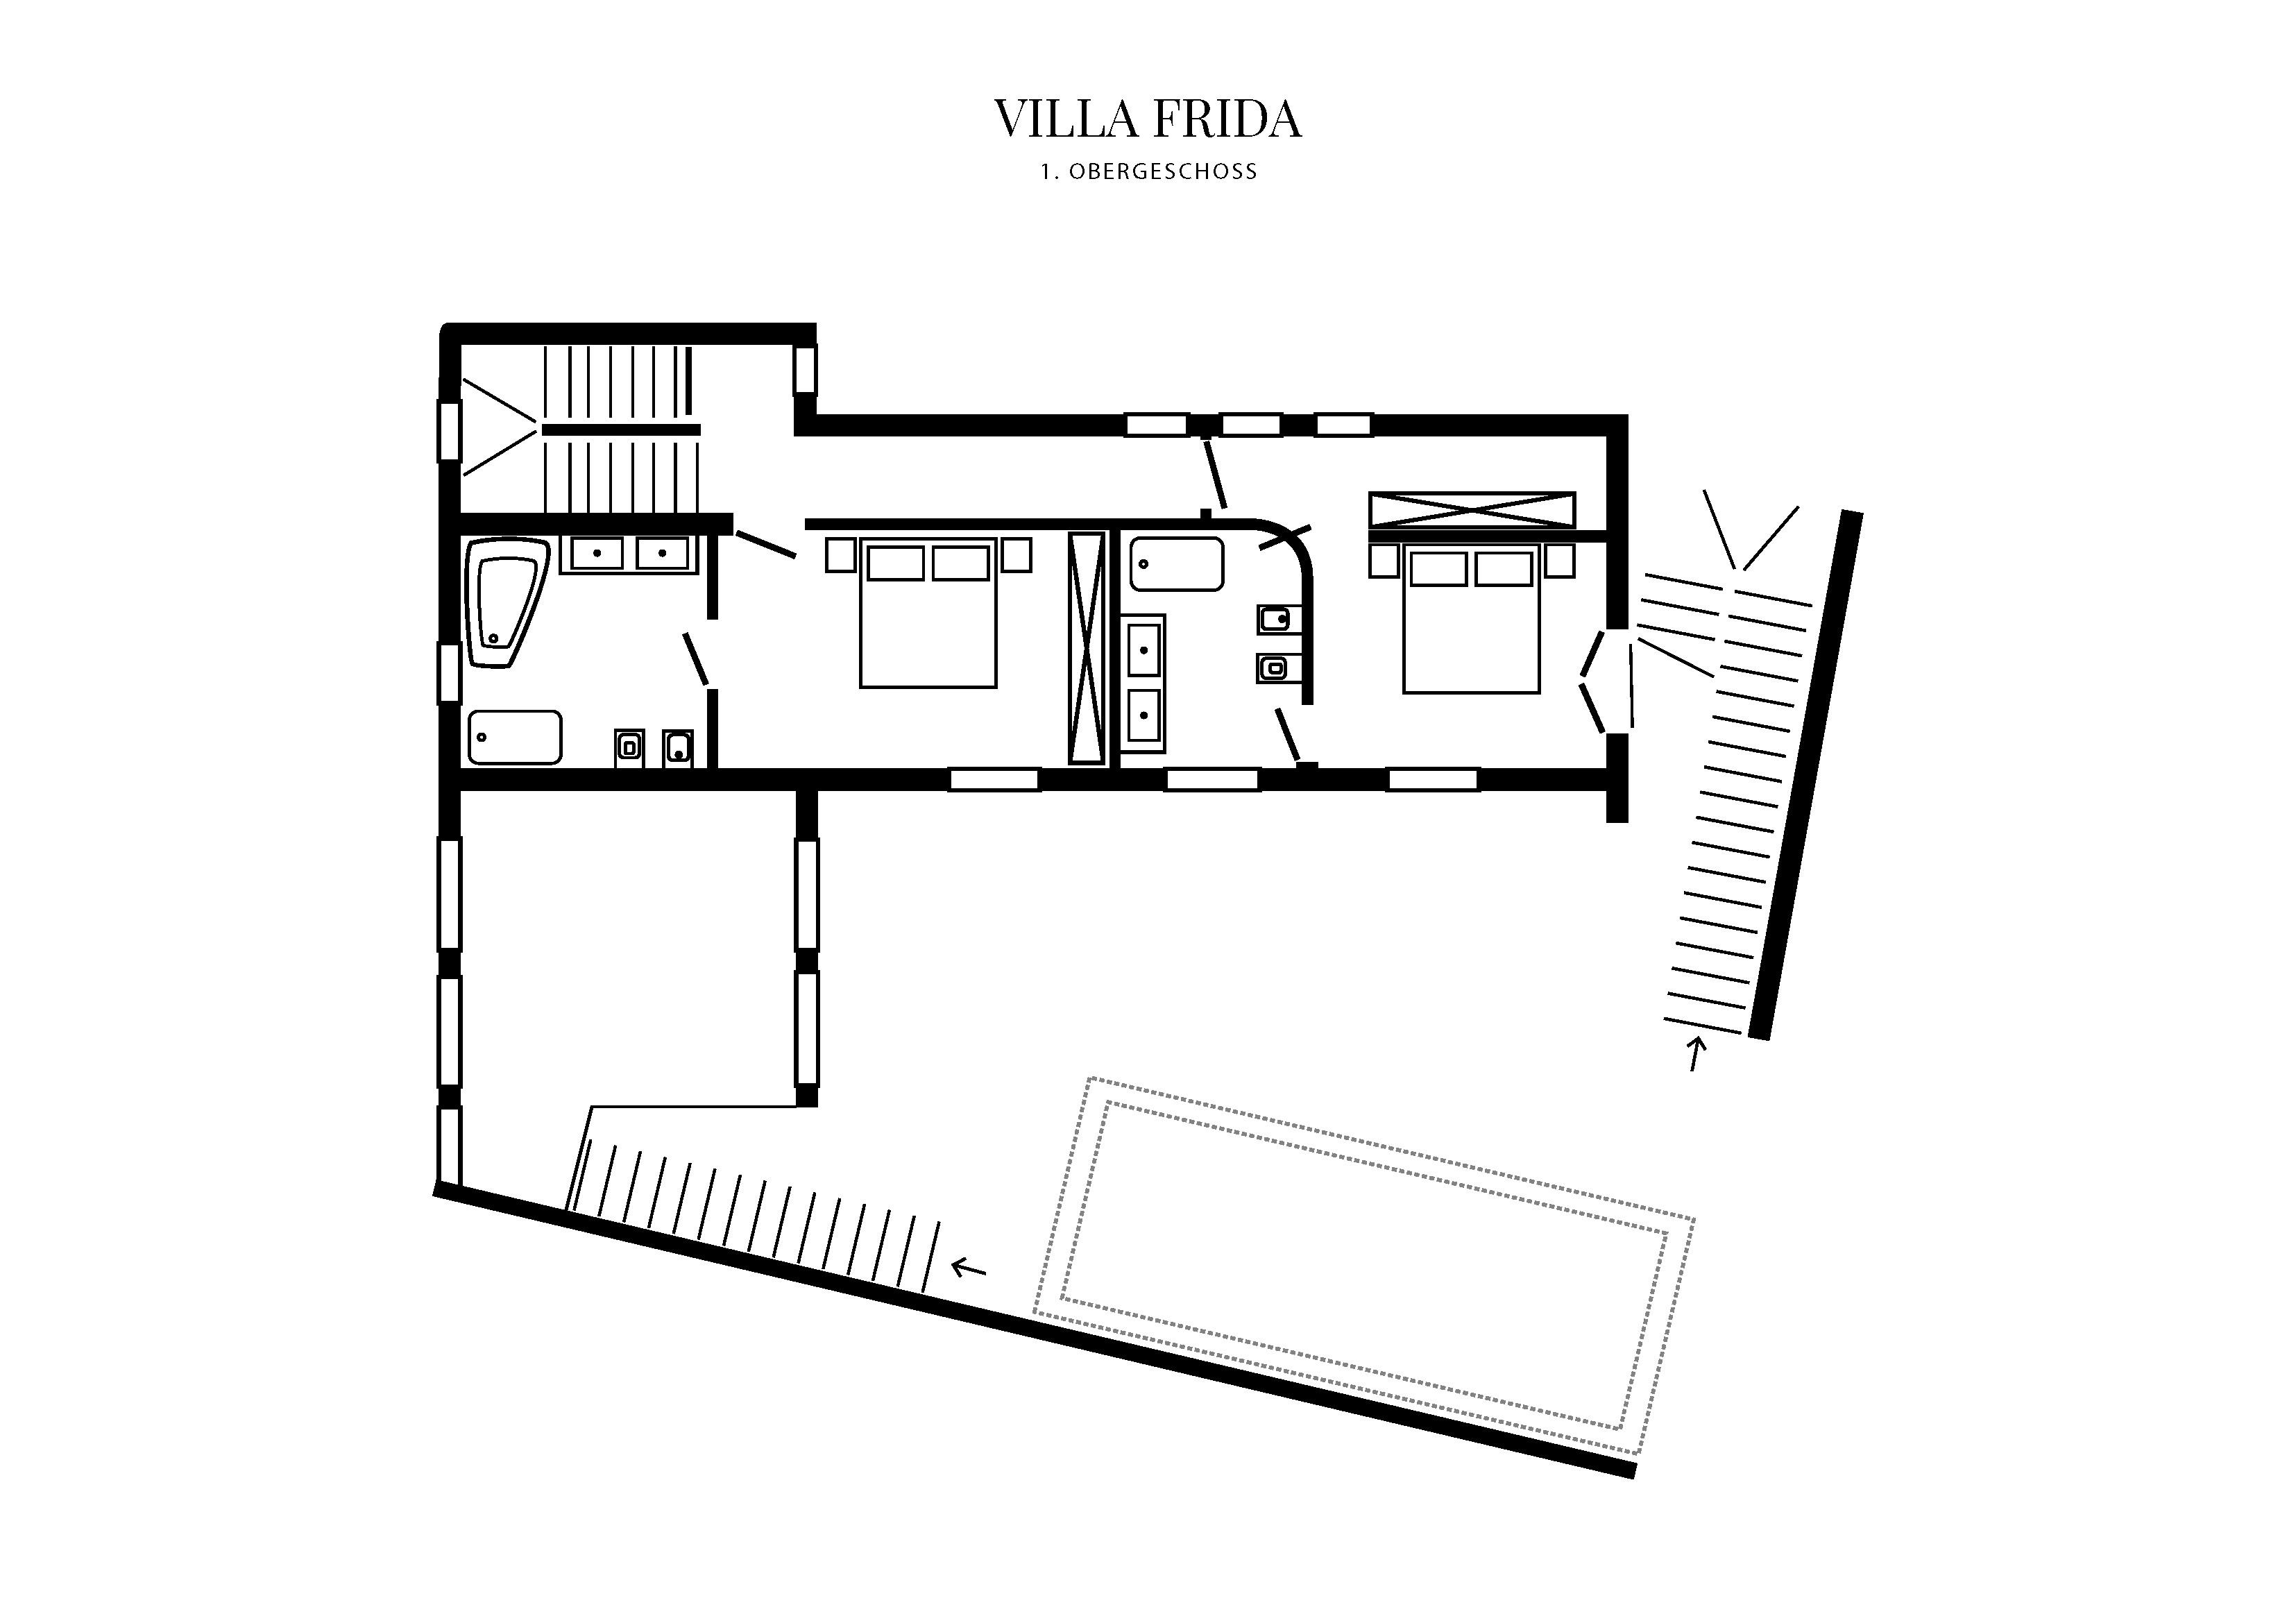 Grafik Grundriss Obergeschoss Villa Frida